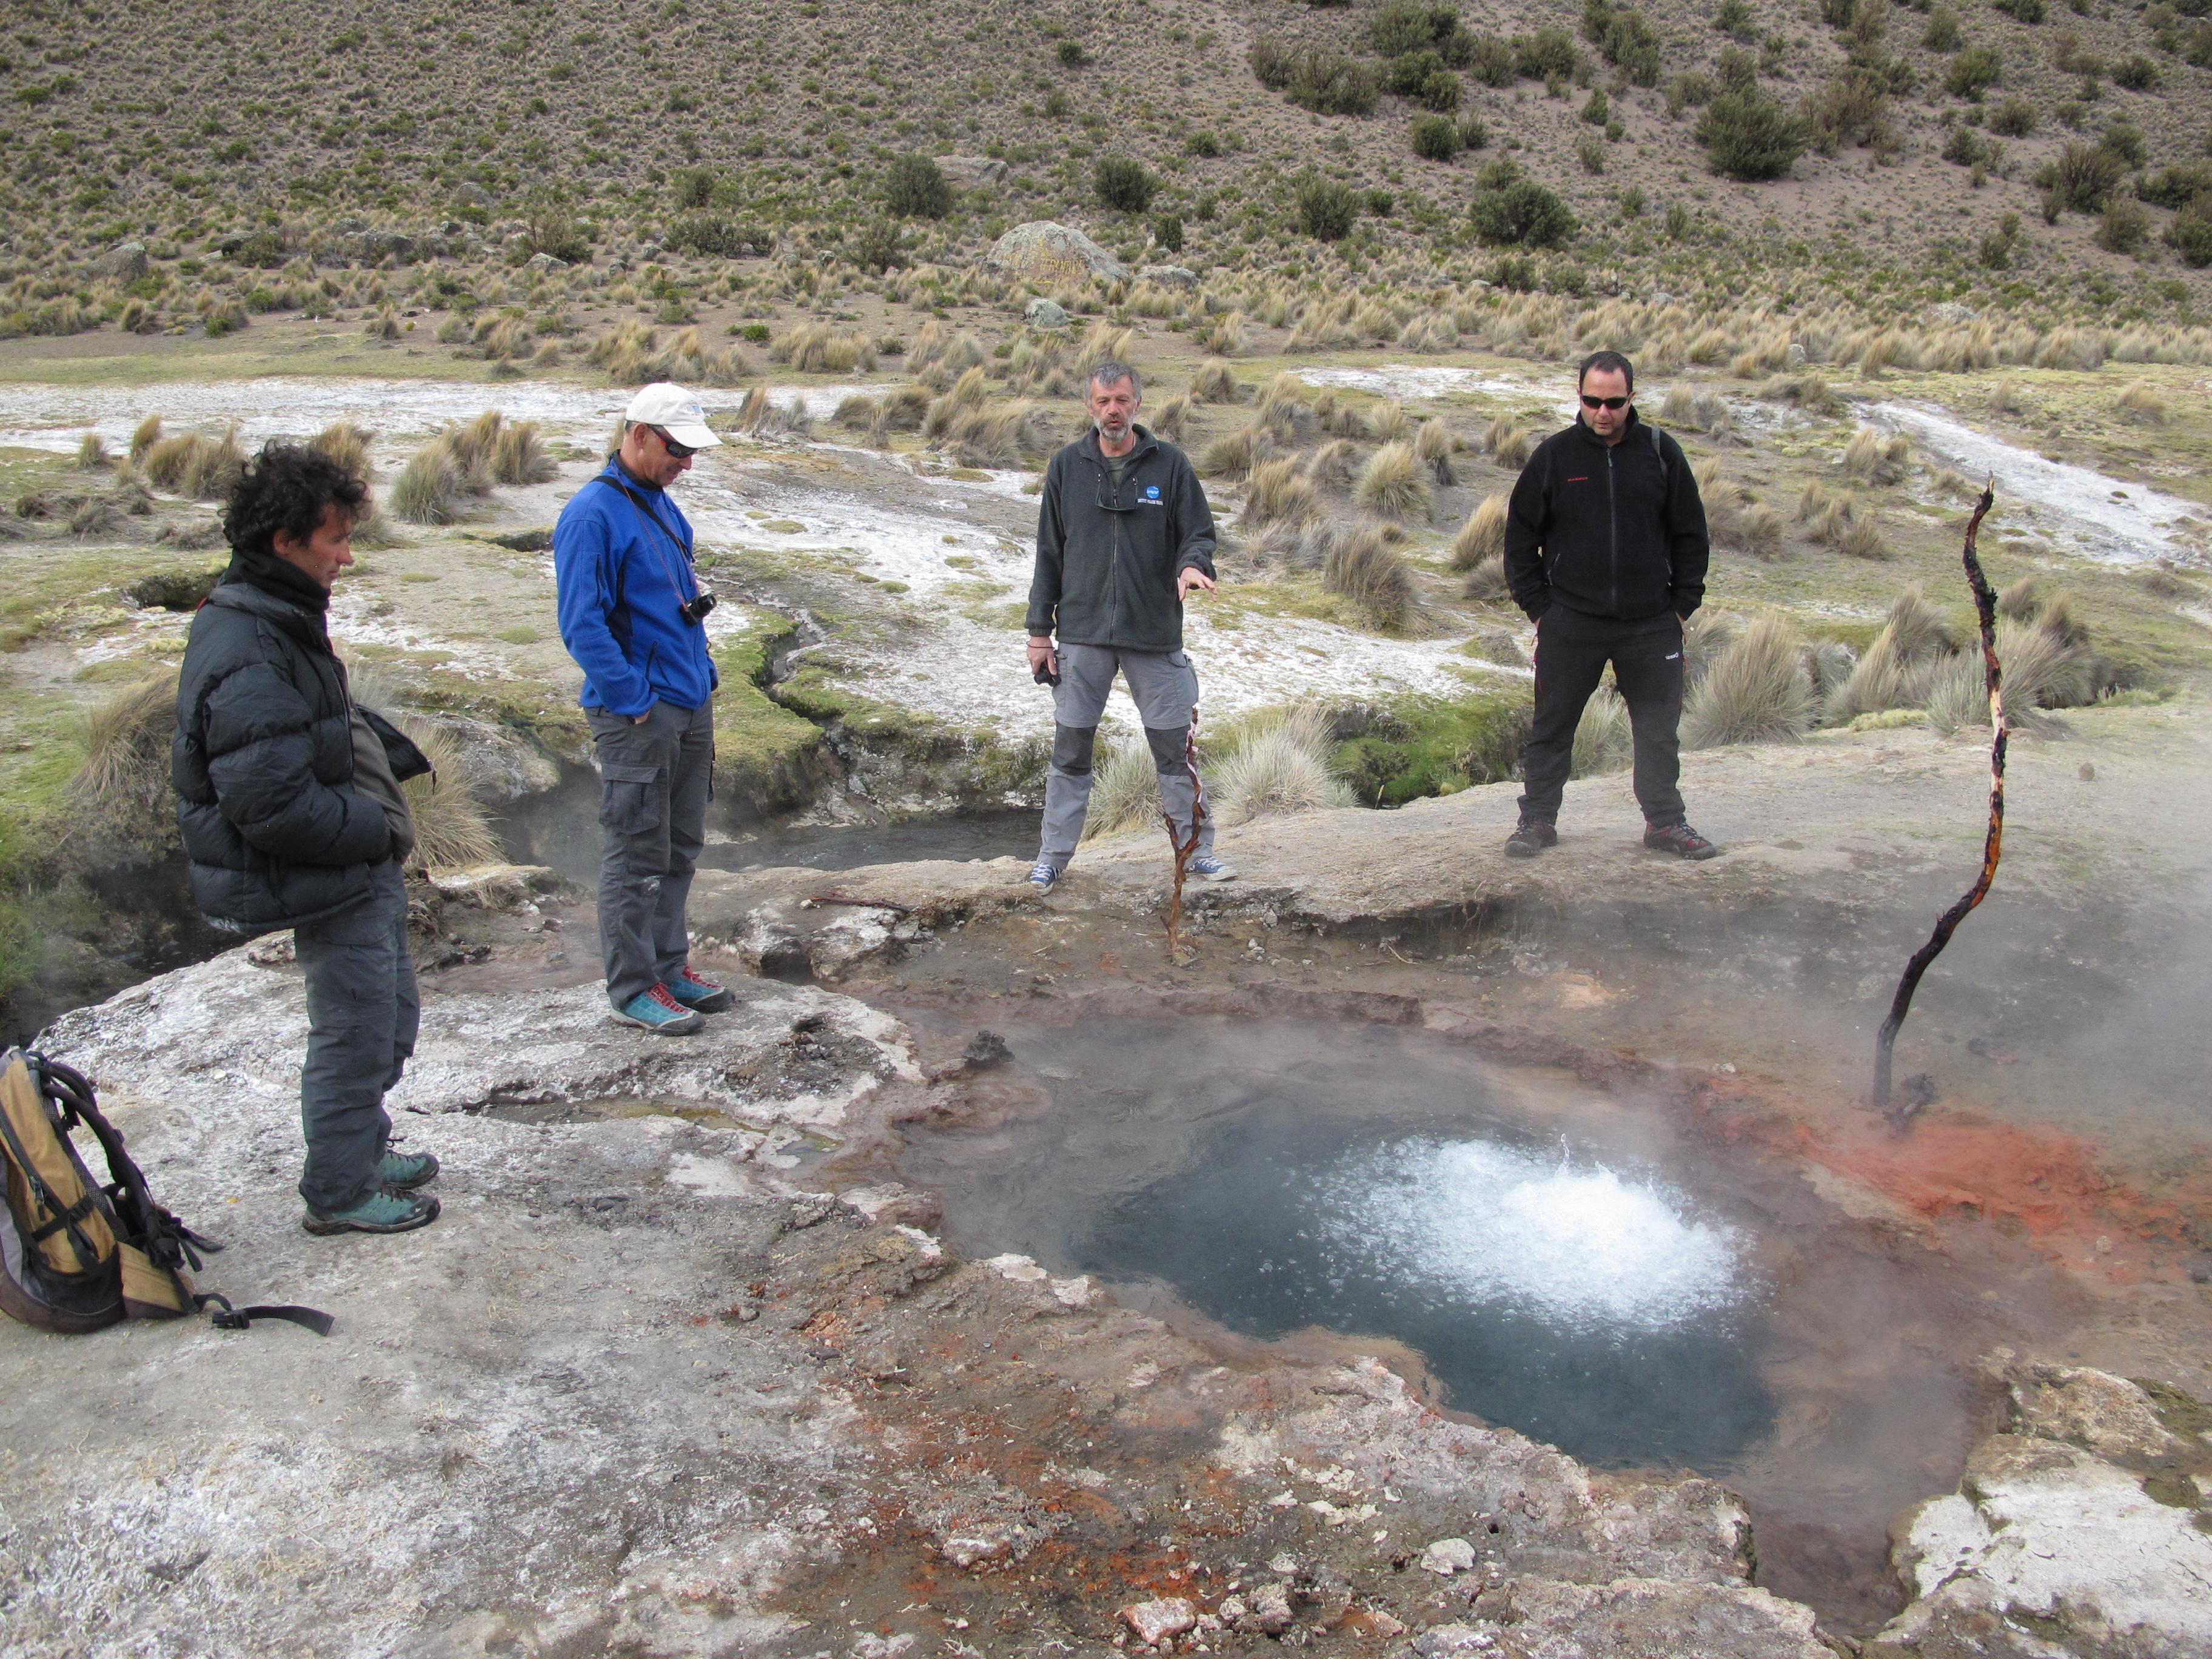 На горячих источниках Сахама, Боливия